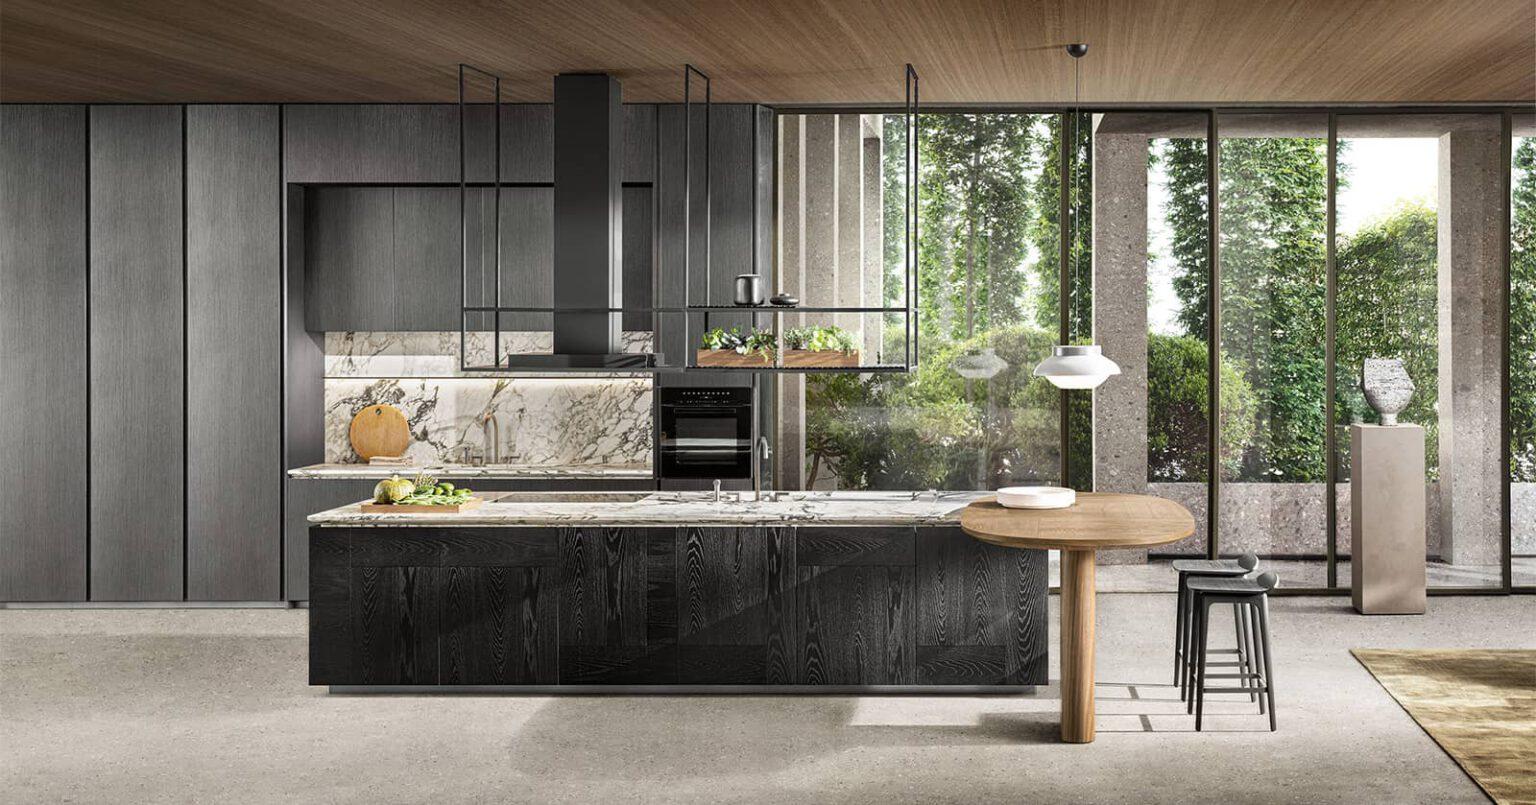 maatwerk italiaans keukeneiland met marmer blad en luxe houten kasten dada keukens rotterdam